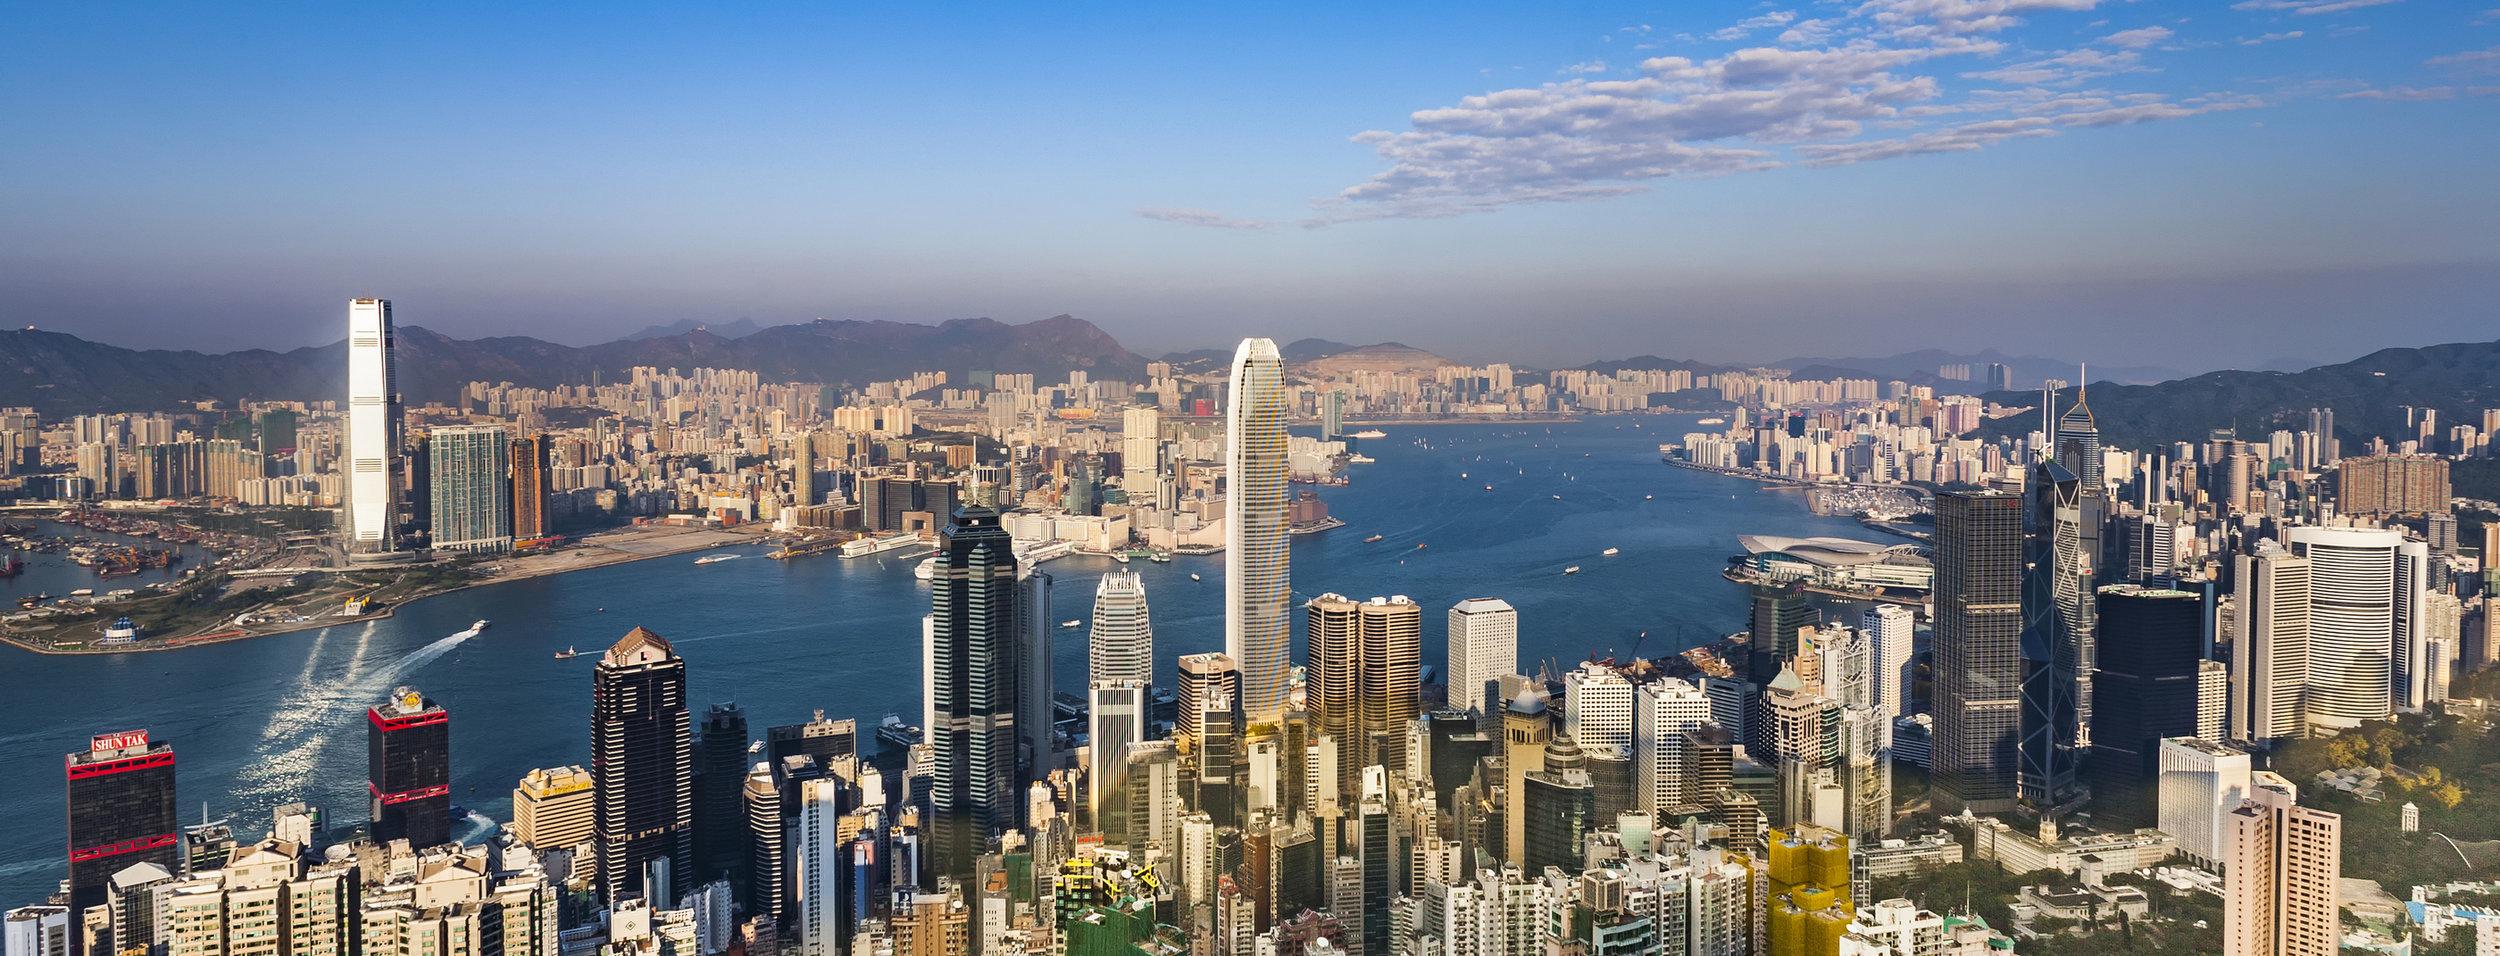 Conversant Products Hong Kong Operations.